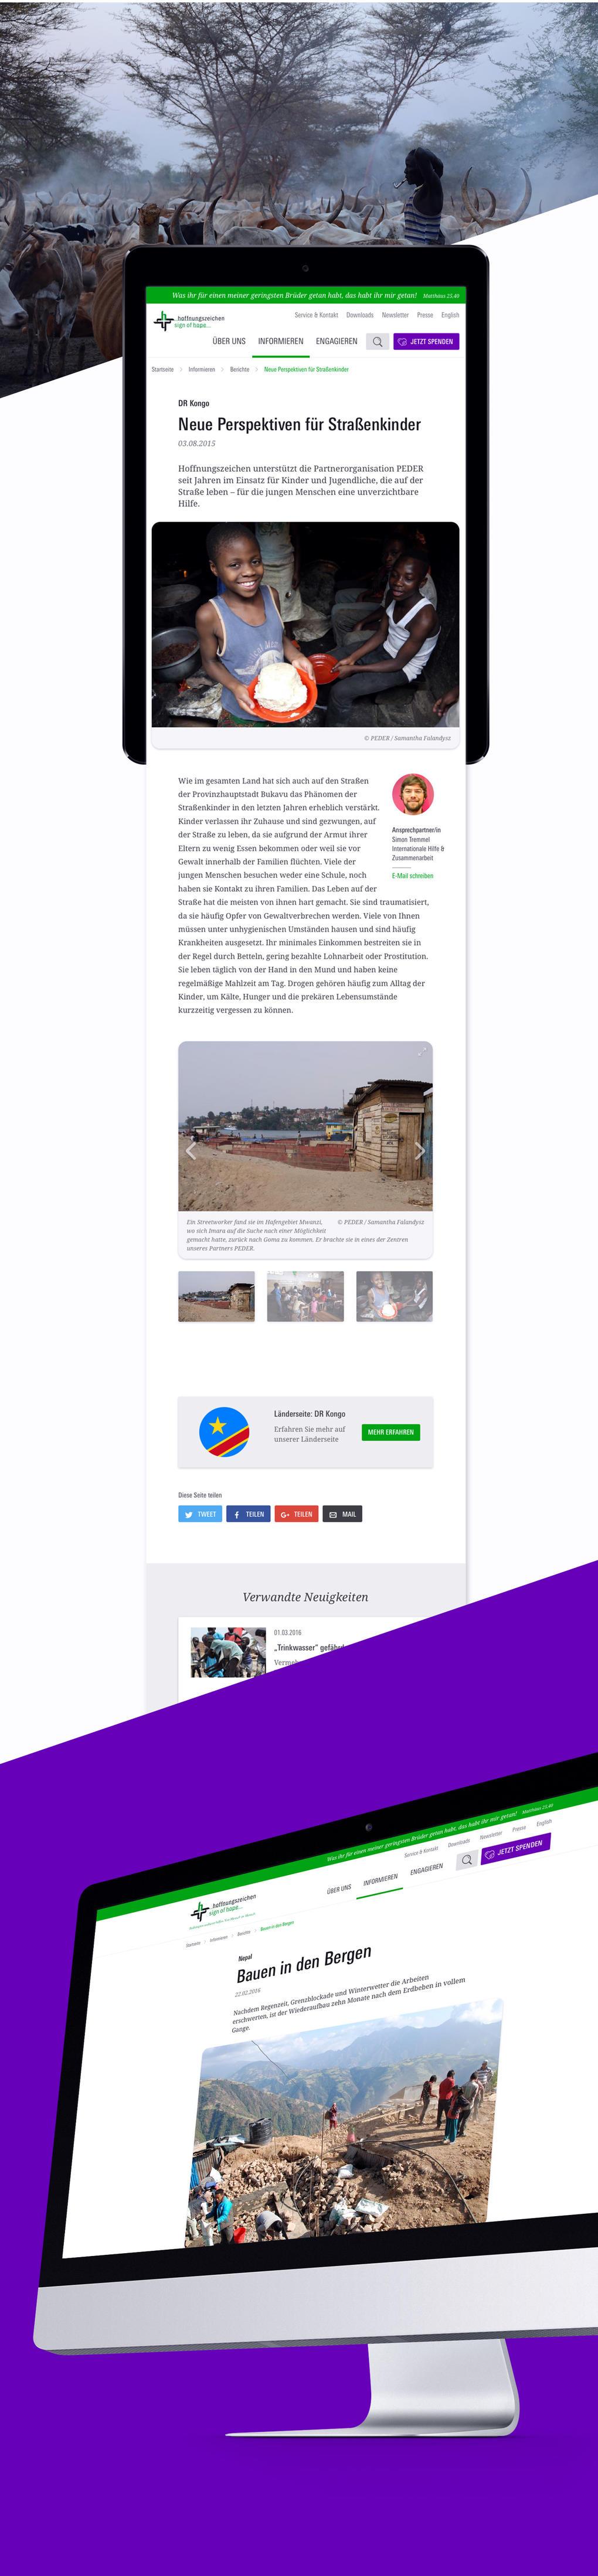 Projektaufbereitung für Website-Relaunch von Hoffnungszeichen